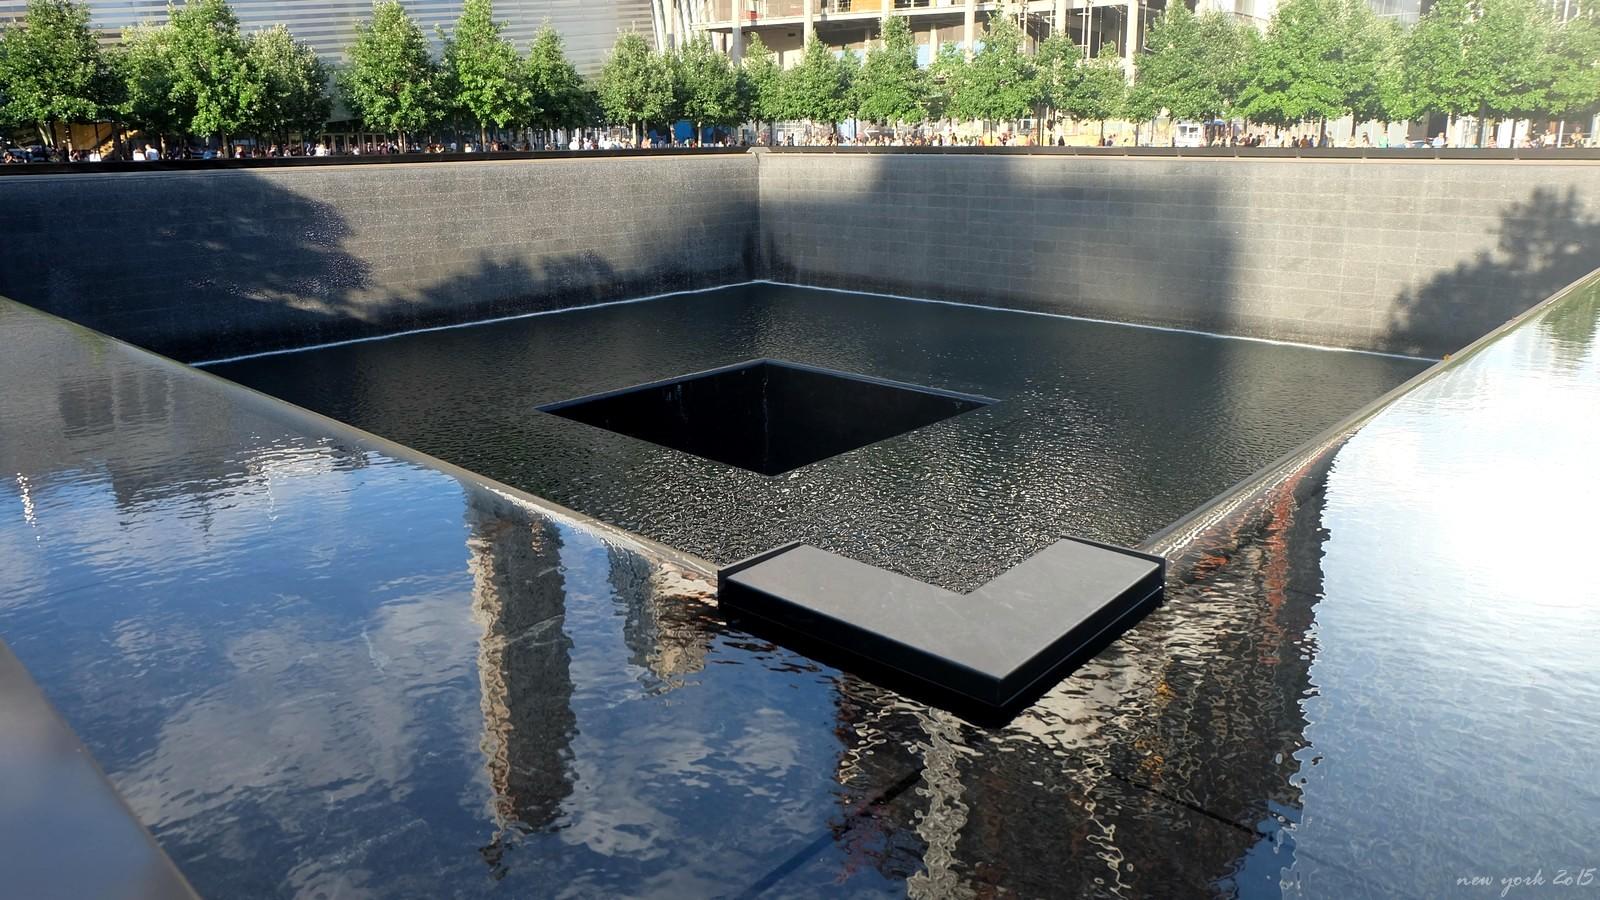 911 memorial, New York City, USA